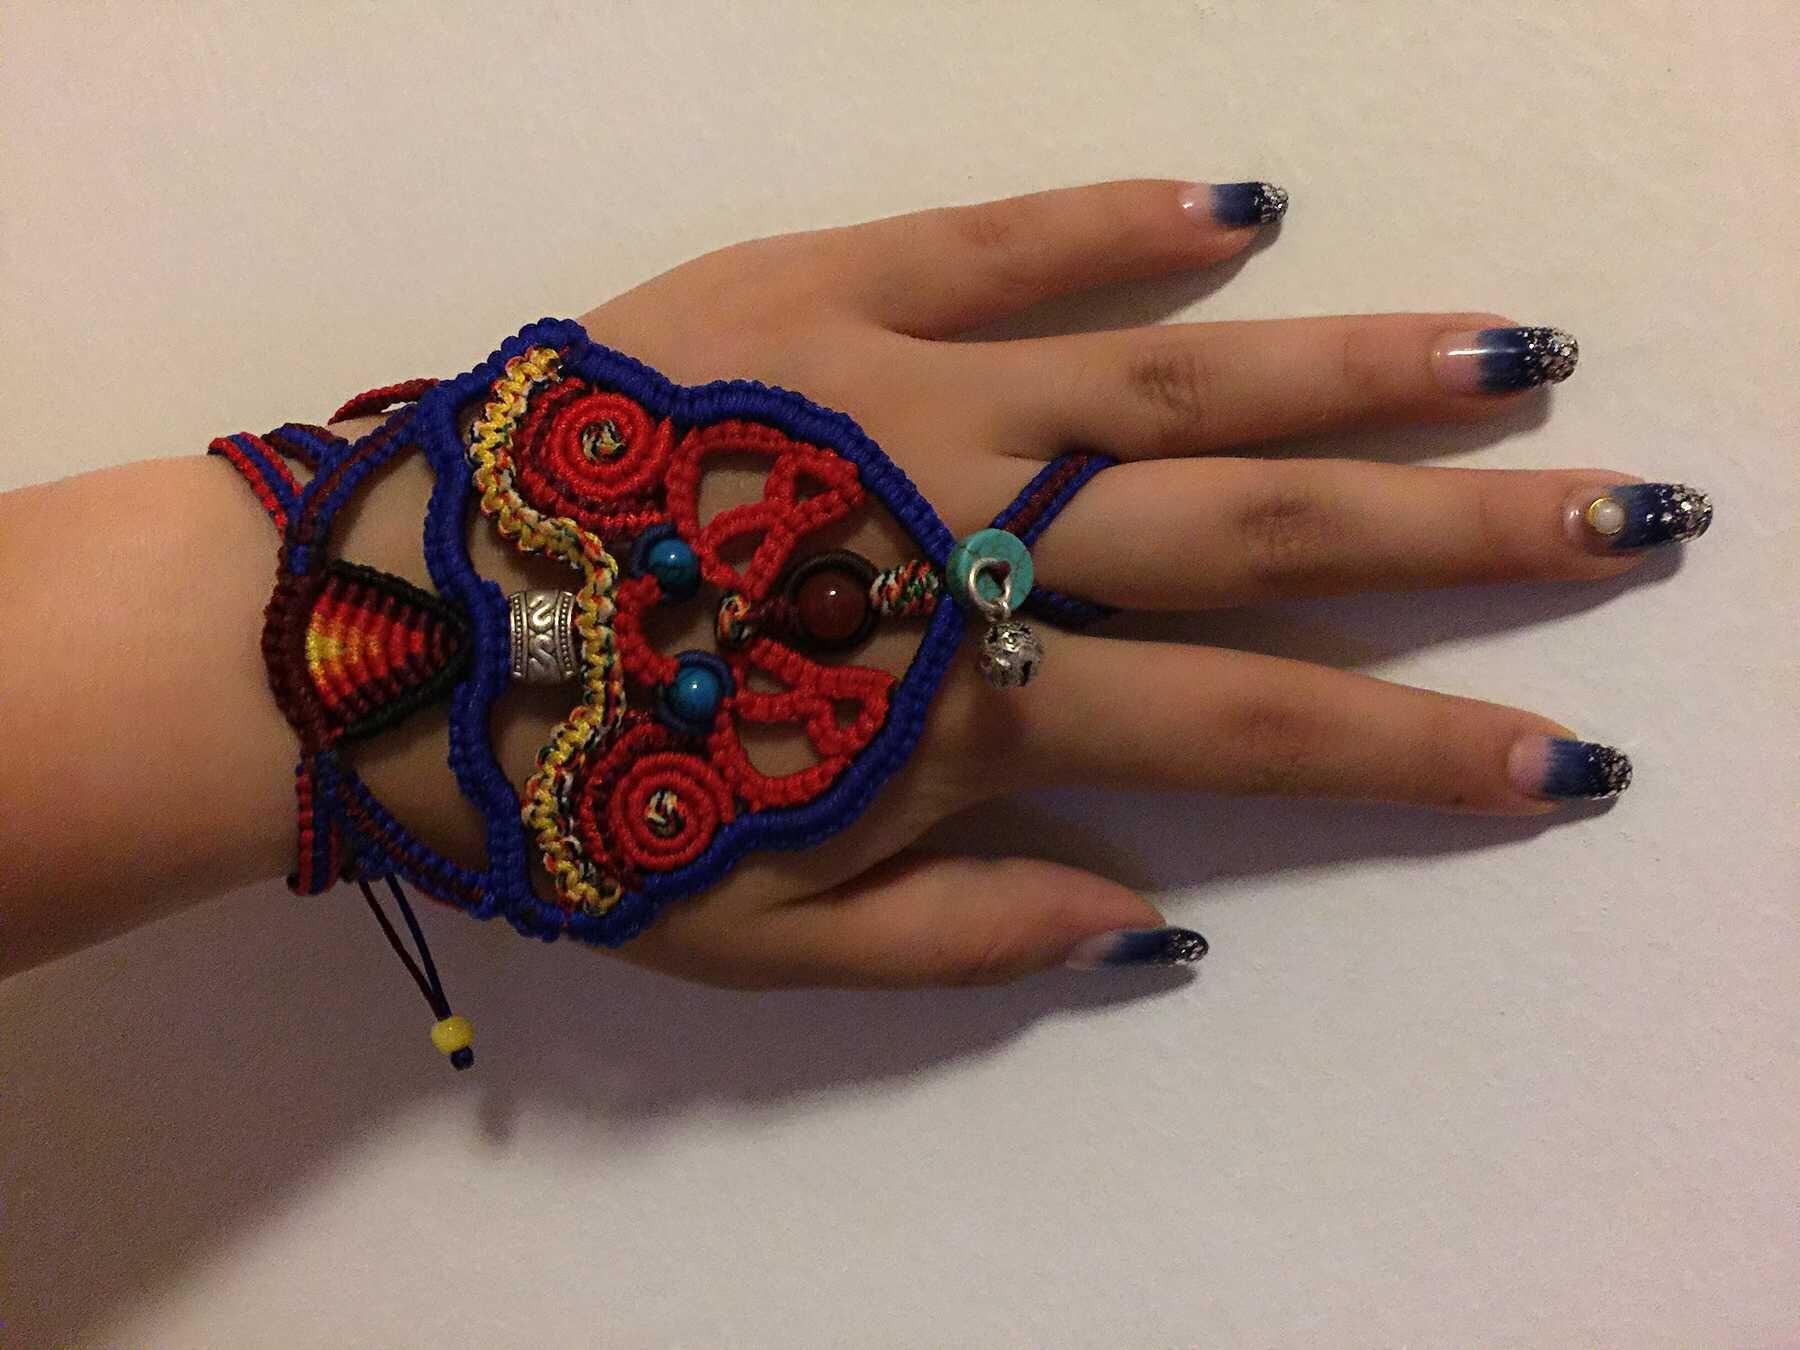 中国结论坛 我编的带在手背上的民族风饰品,第一次自己设计,感觉棒棒哒 民族,饰品 作品展示 120614qls74n9r5jvunnun